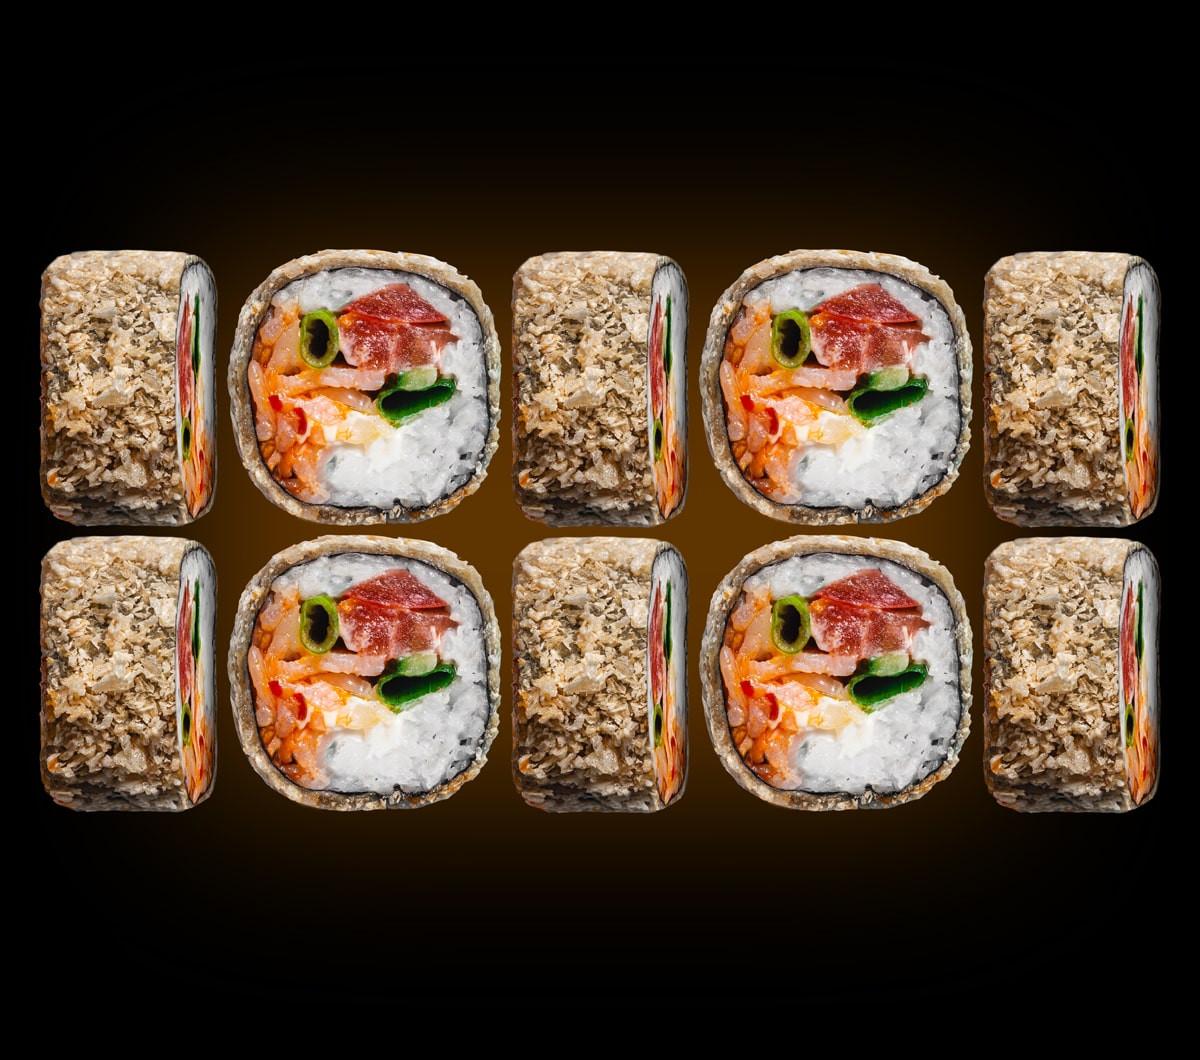 заказать: Темпура роллы - Кит ролл